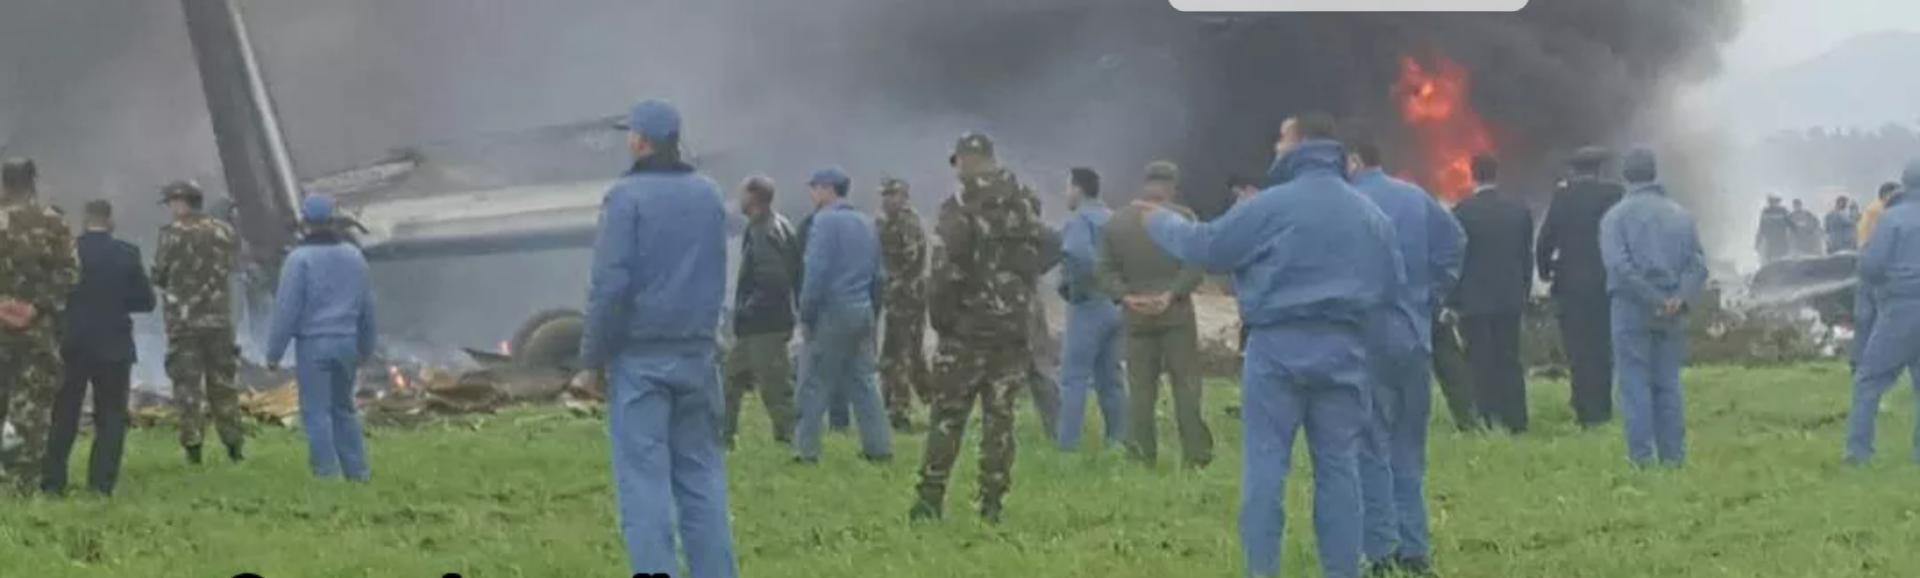 مقتل 26 عنصرا من البوليساريو خلال تحطم الطائرة العسكرية الجزائرية